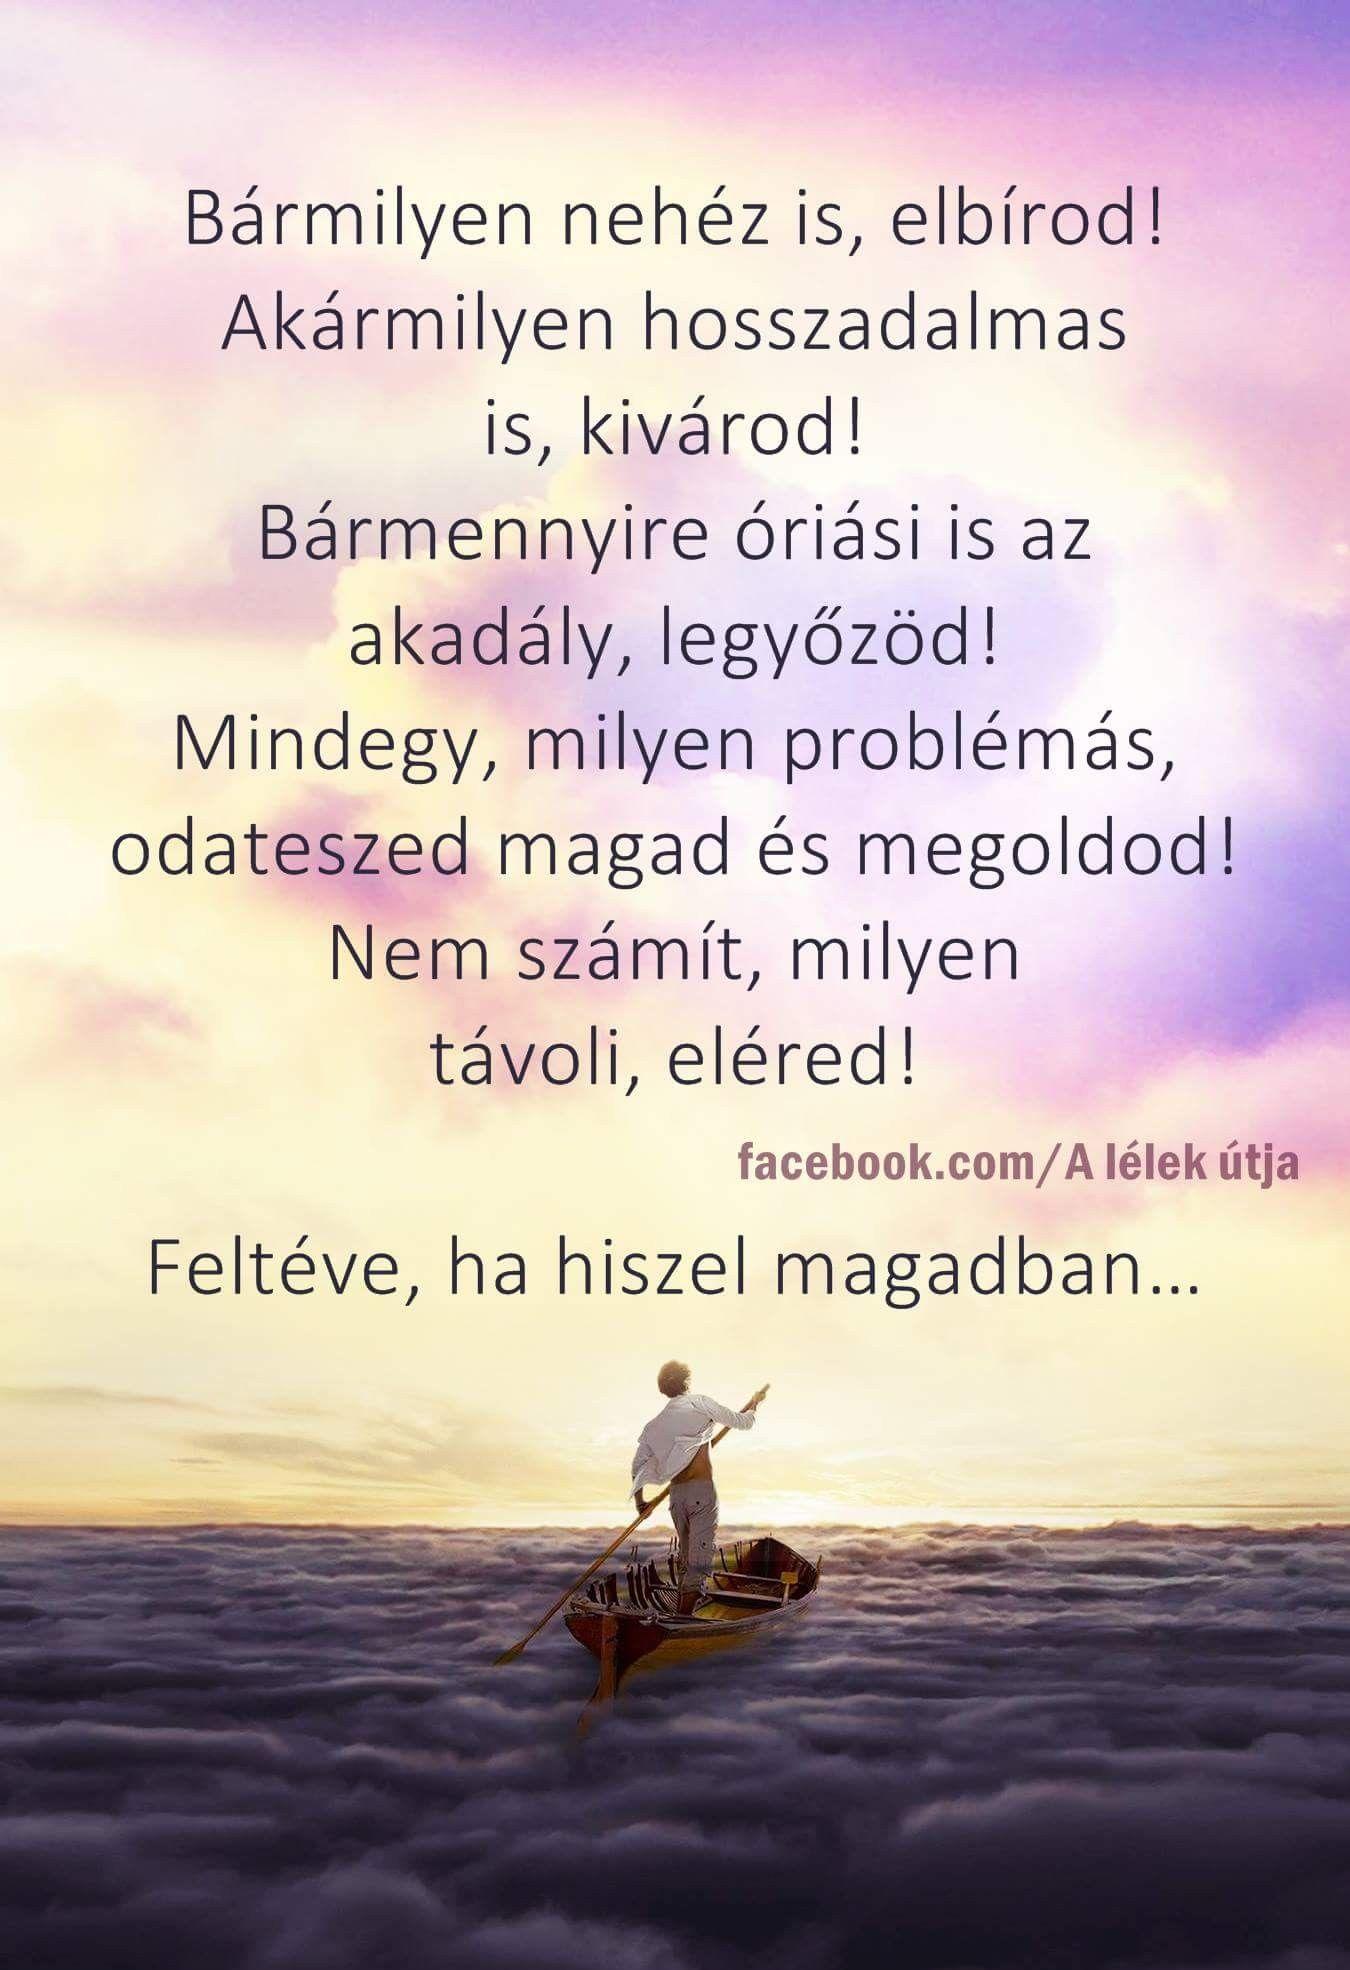 nehéz élet idézetek Mindig HIGGY MAGADBAN ♡♡♡ | Picture quotes, Inspirational